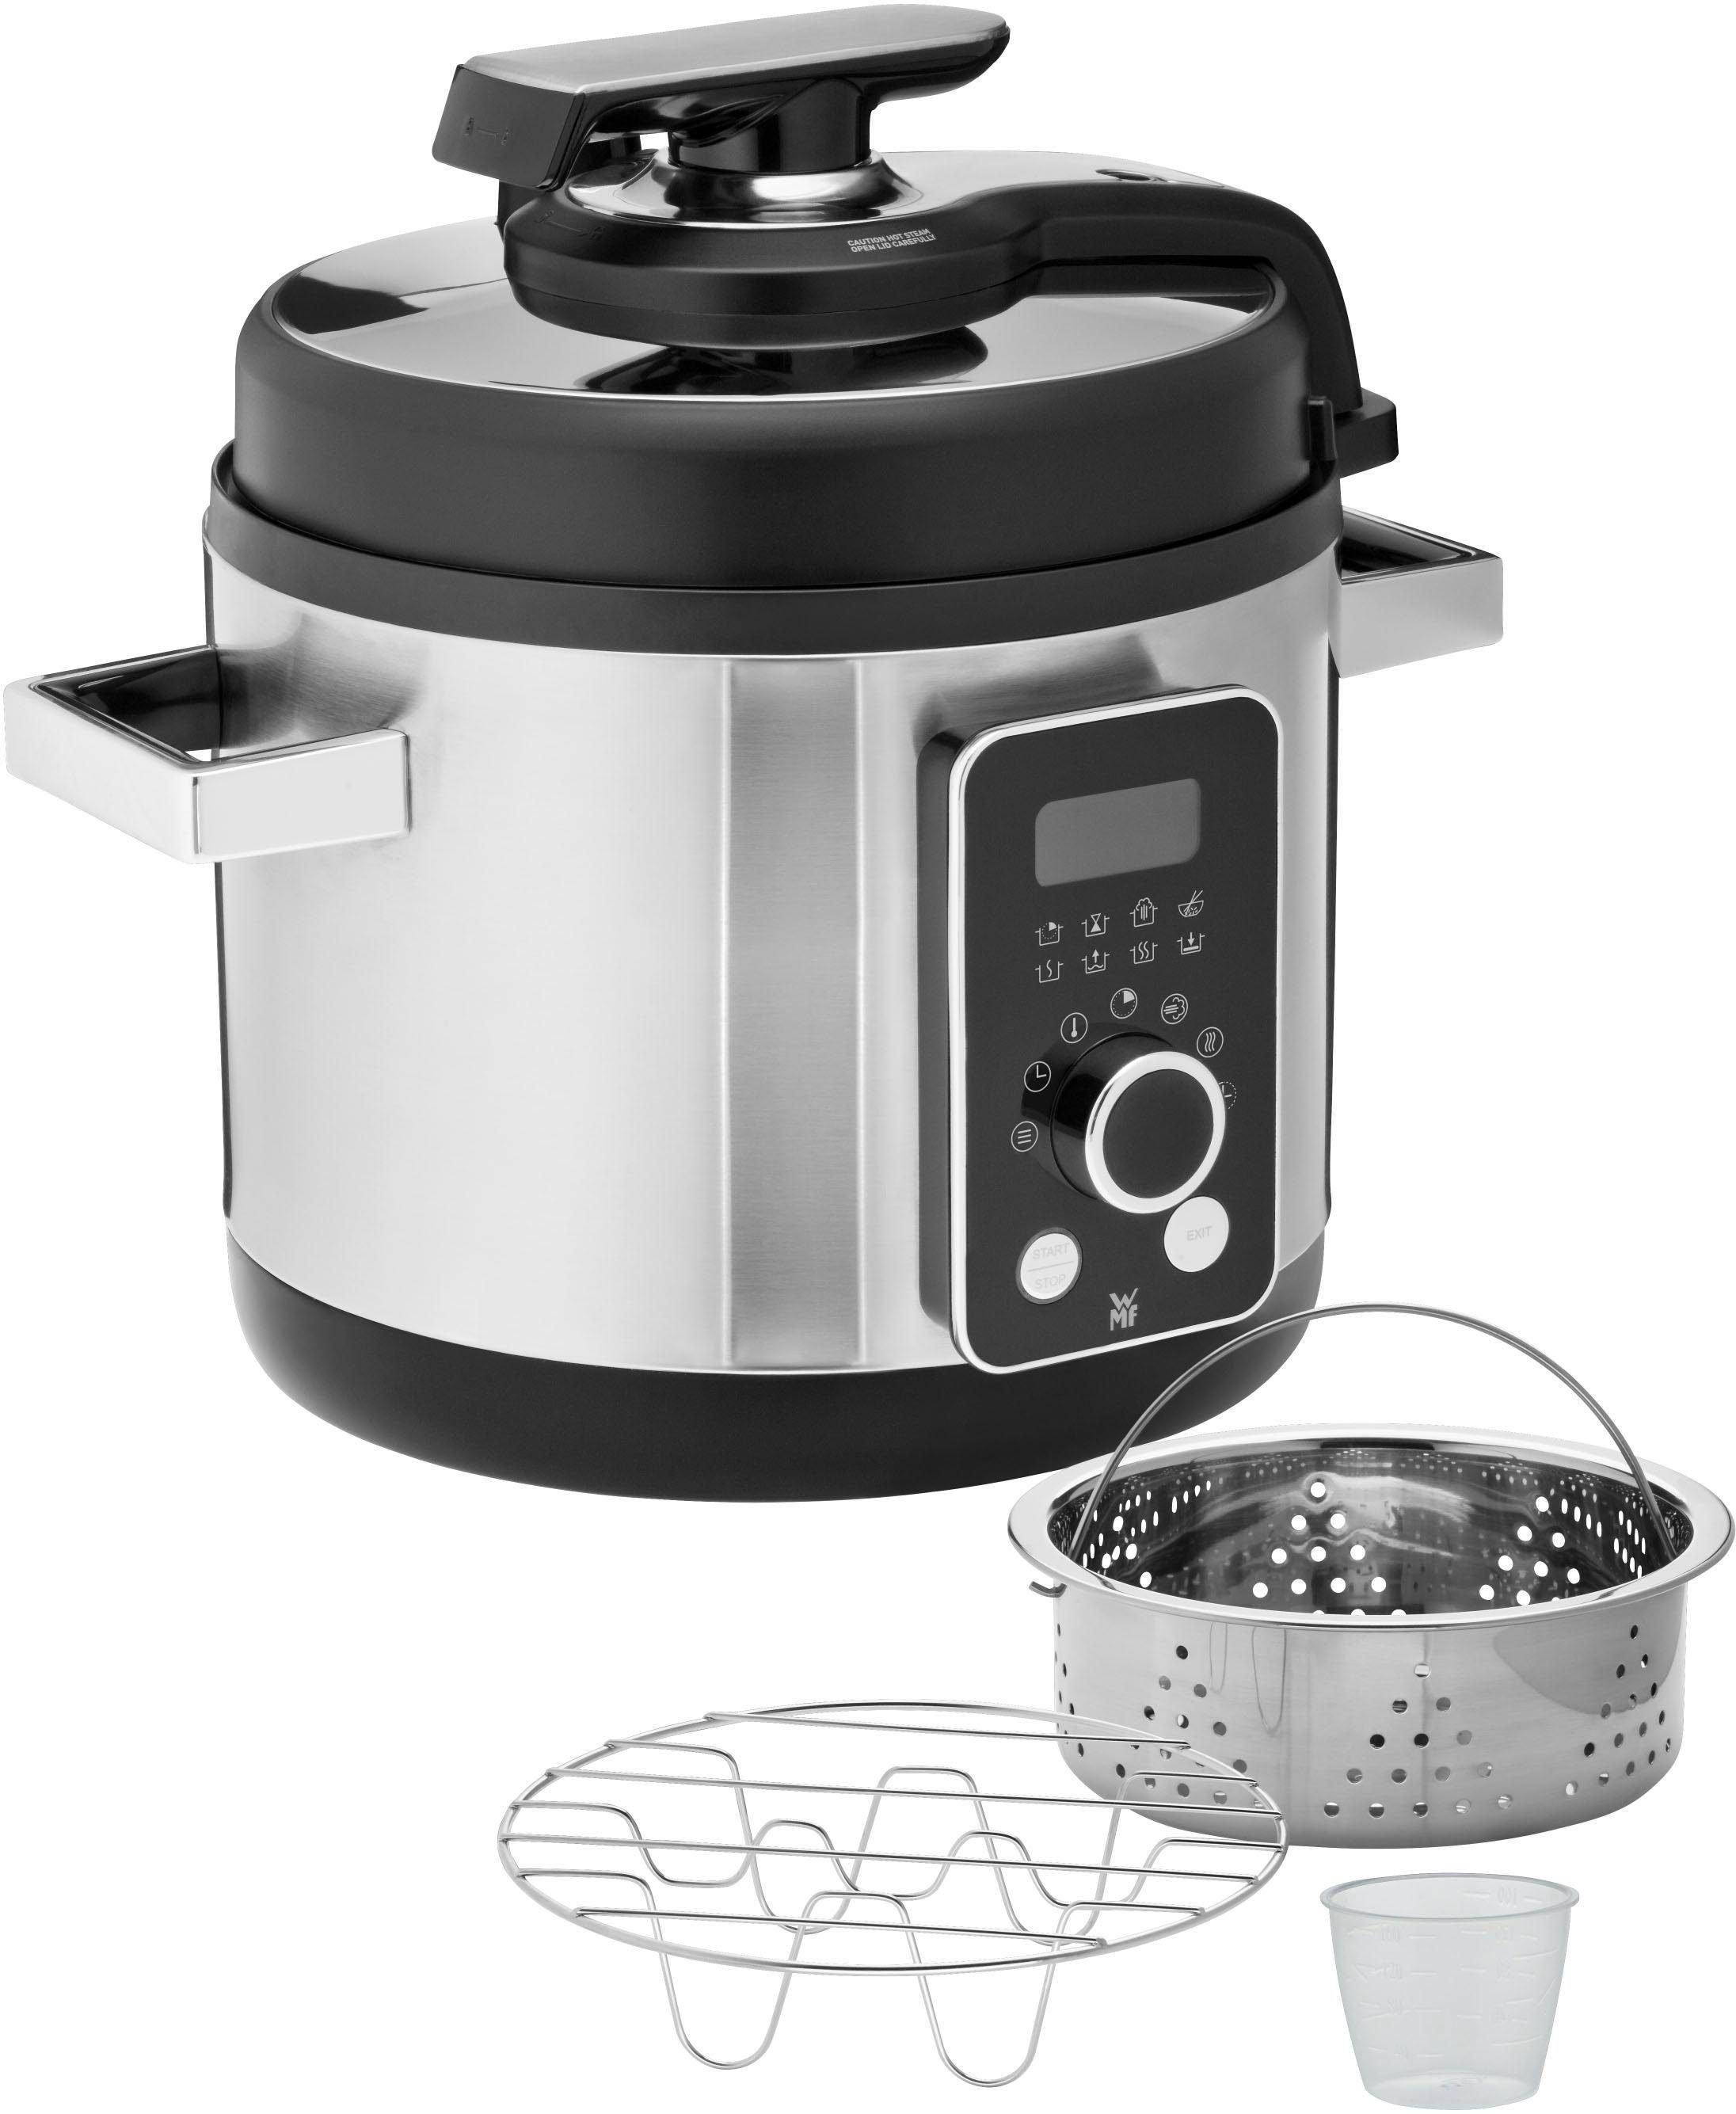 WMF multi-cooker LONO 8-in-1 goedkoop op otto.nl kopen